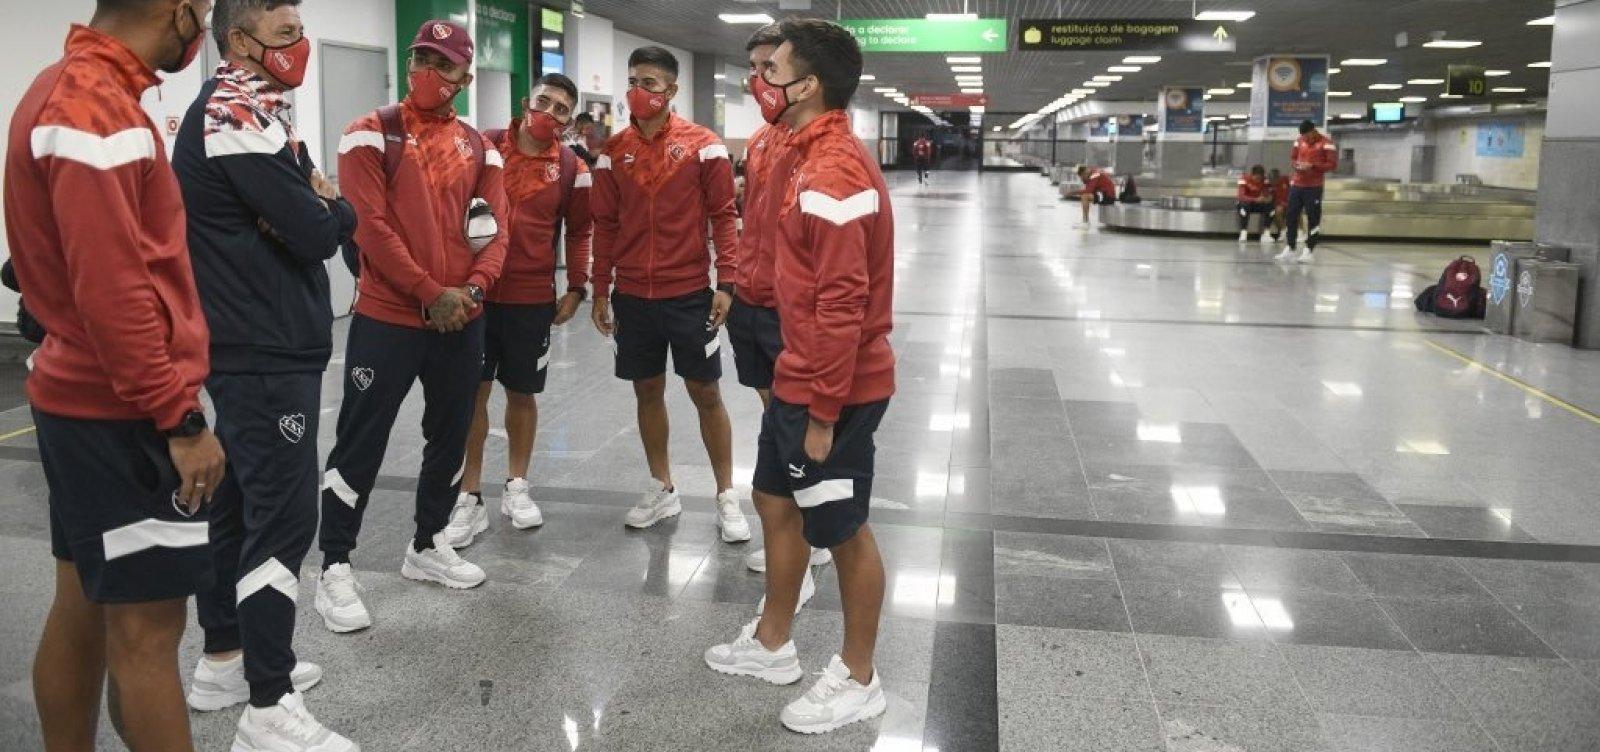 Jogo do Bahia é adiado após jogadores do Independiente testarem positivo para covid-19